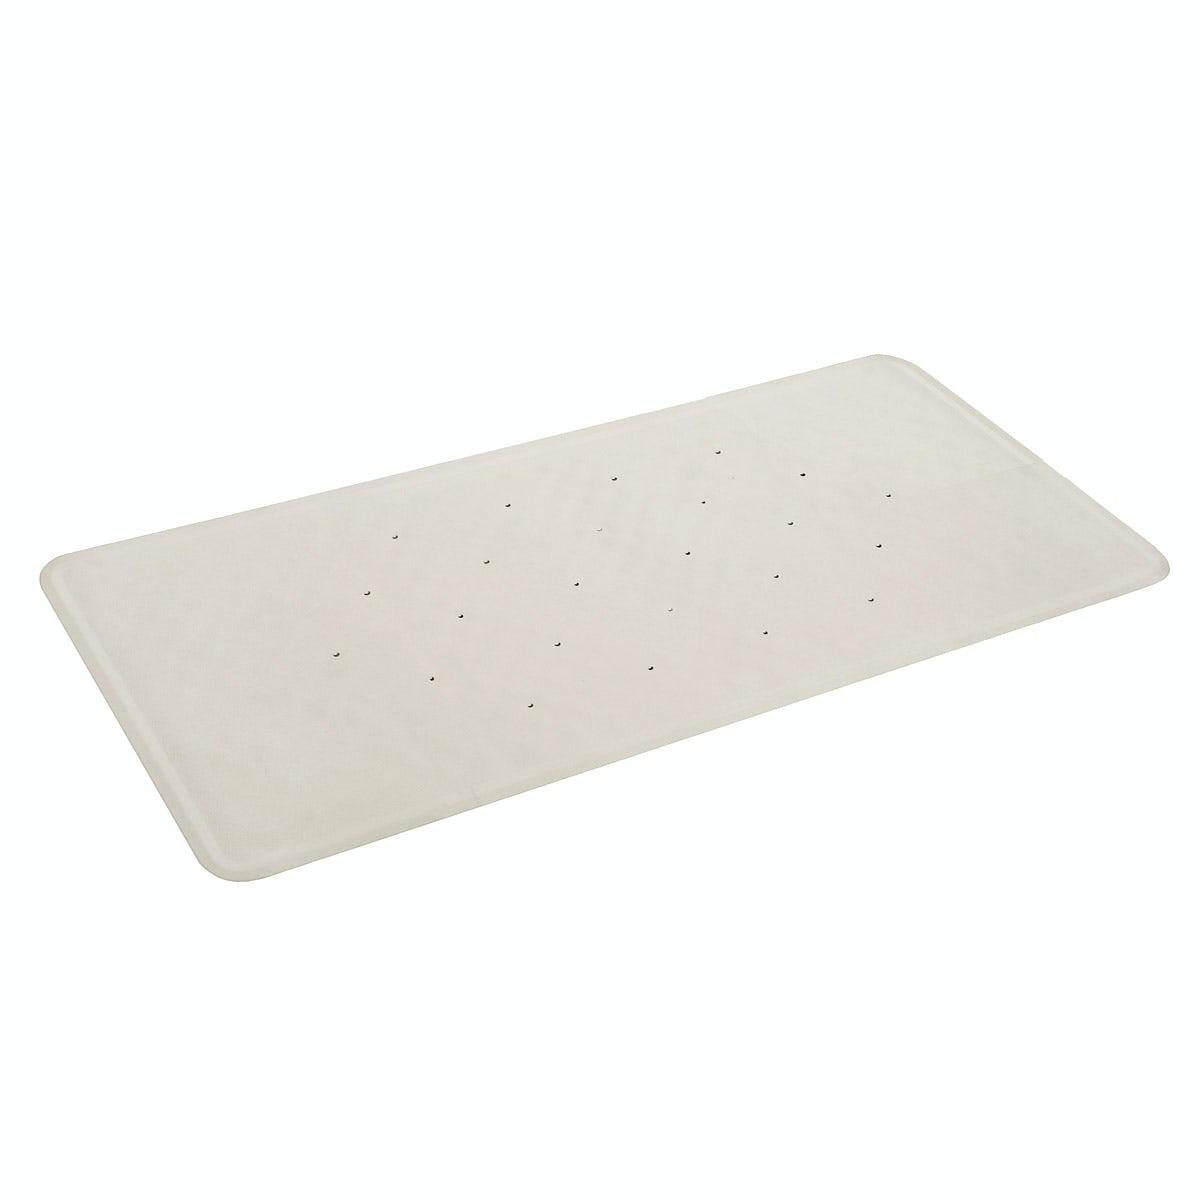 Croydex Rubagrip bath mat